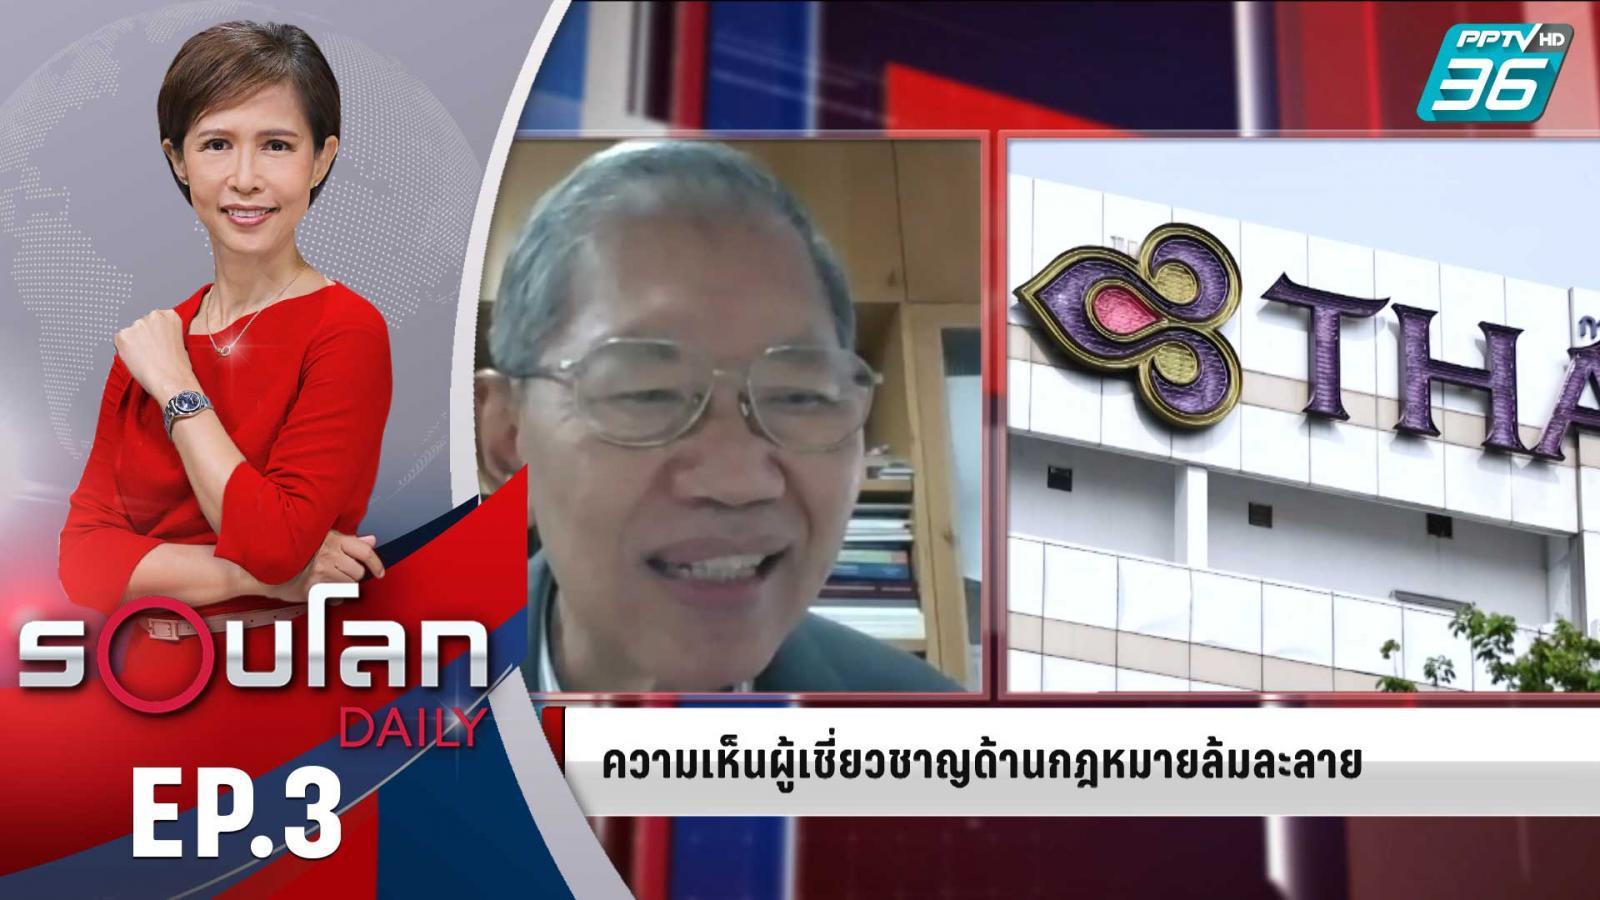 ศาลล้มละลายกลาง รับคำร้องฟื้นฟูกิจการการบินไทย